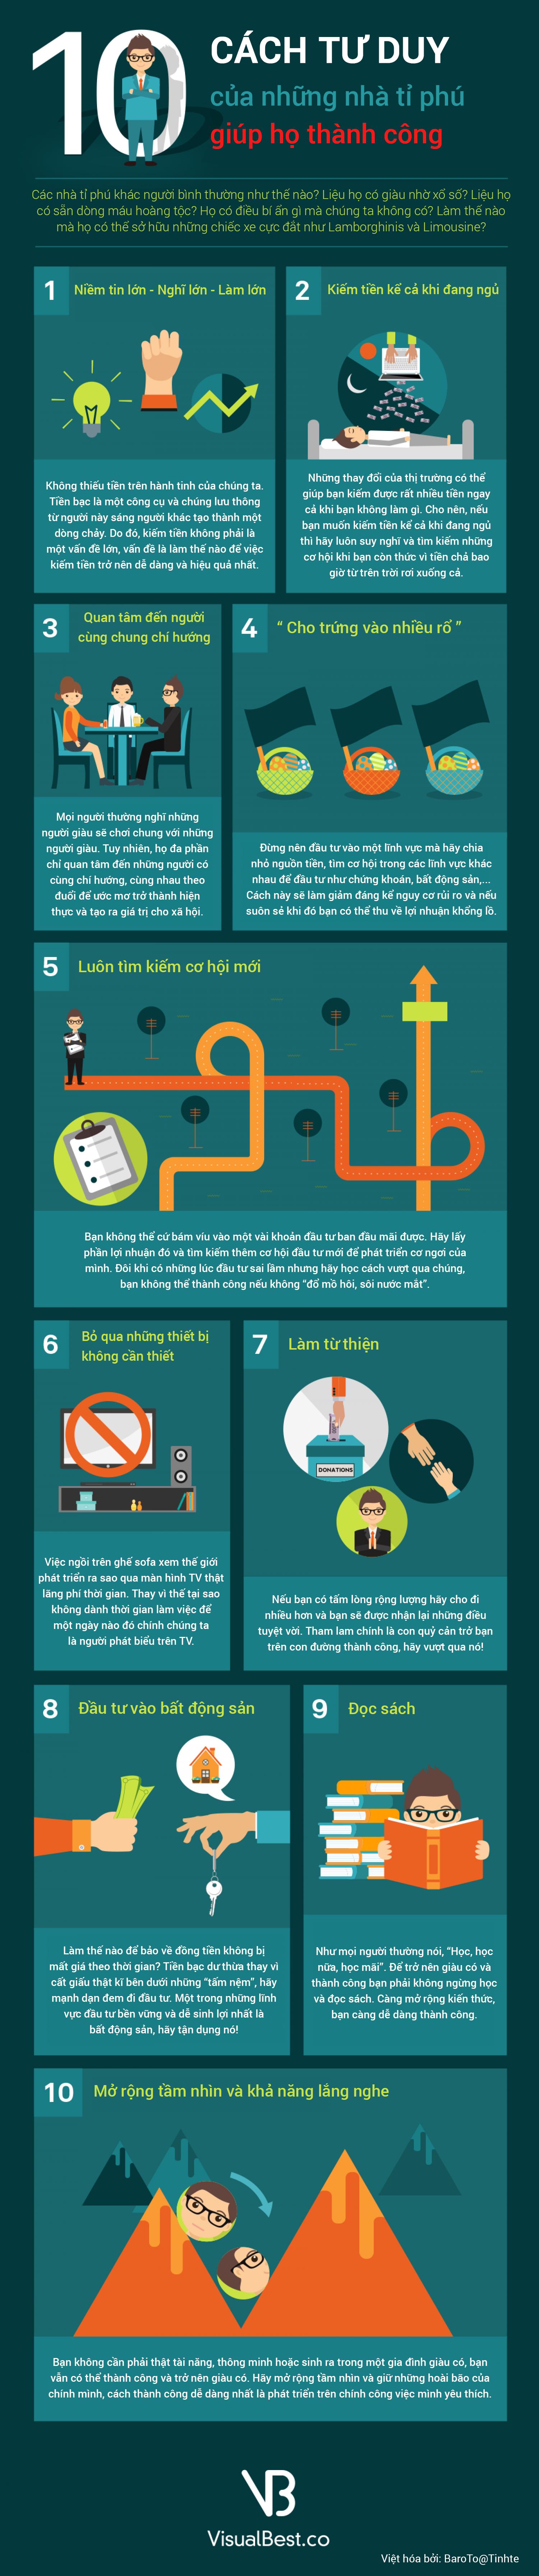 10 Ý tưởng tư duy của các nhà tỷ phú giúp họ thành công